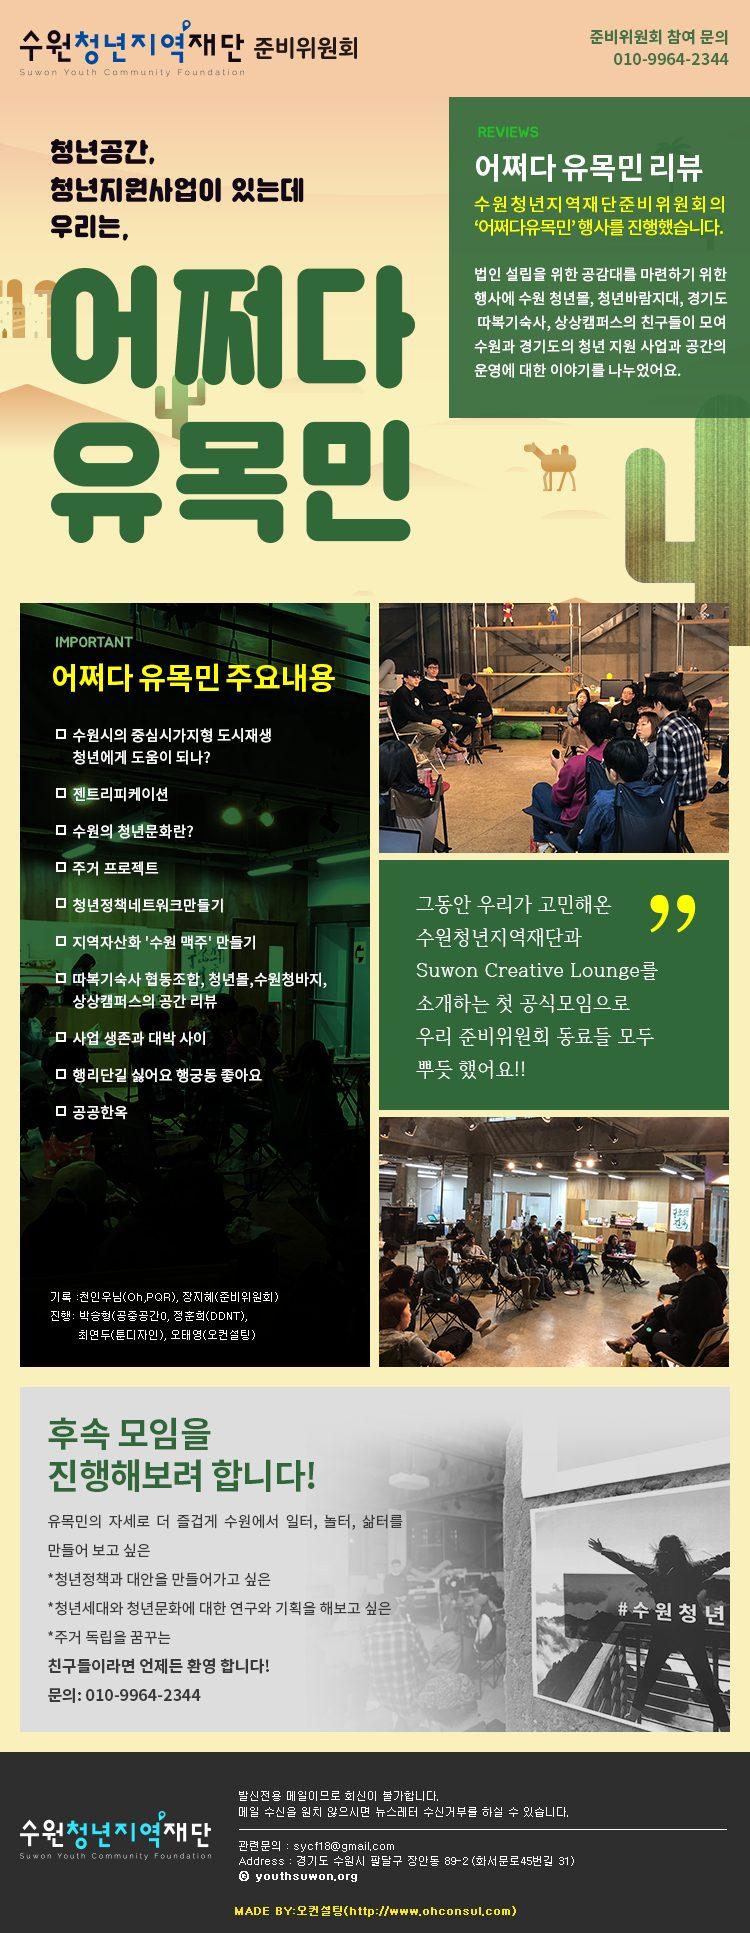 수원청년지역재단 뉴스레터